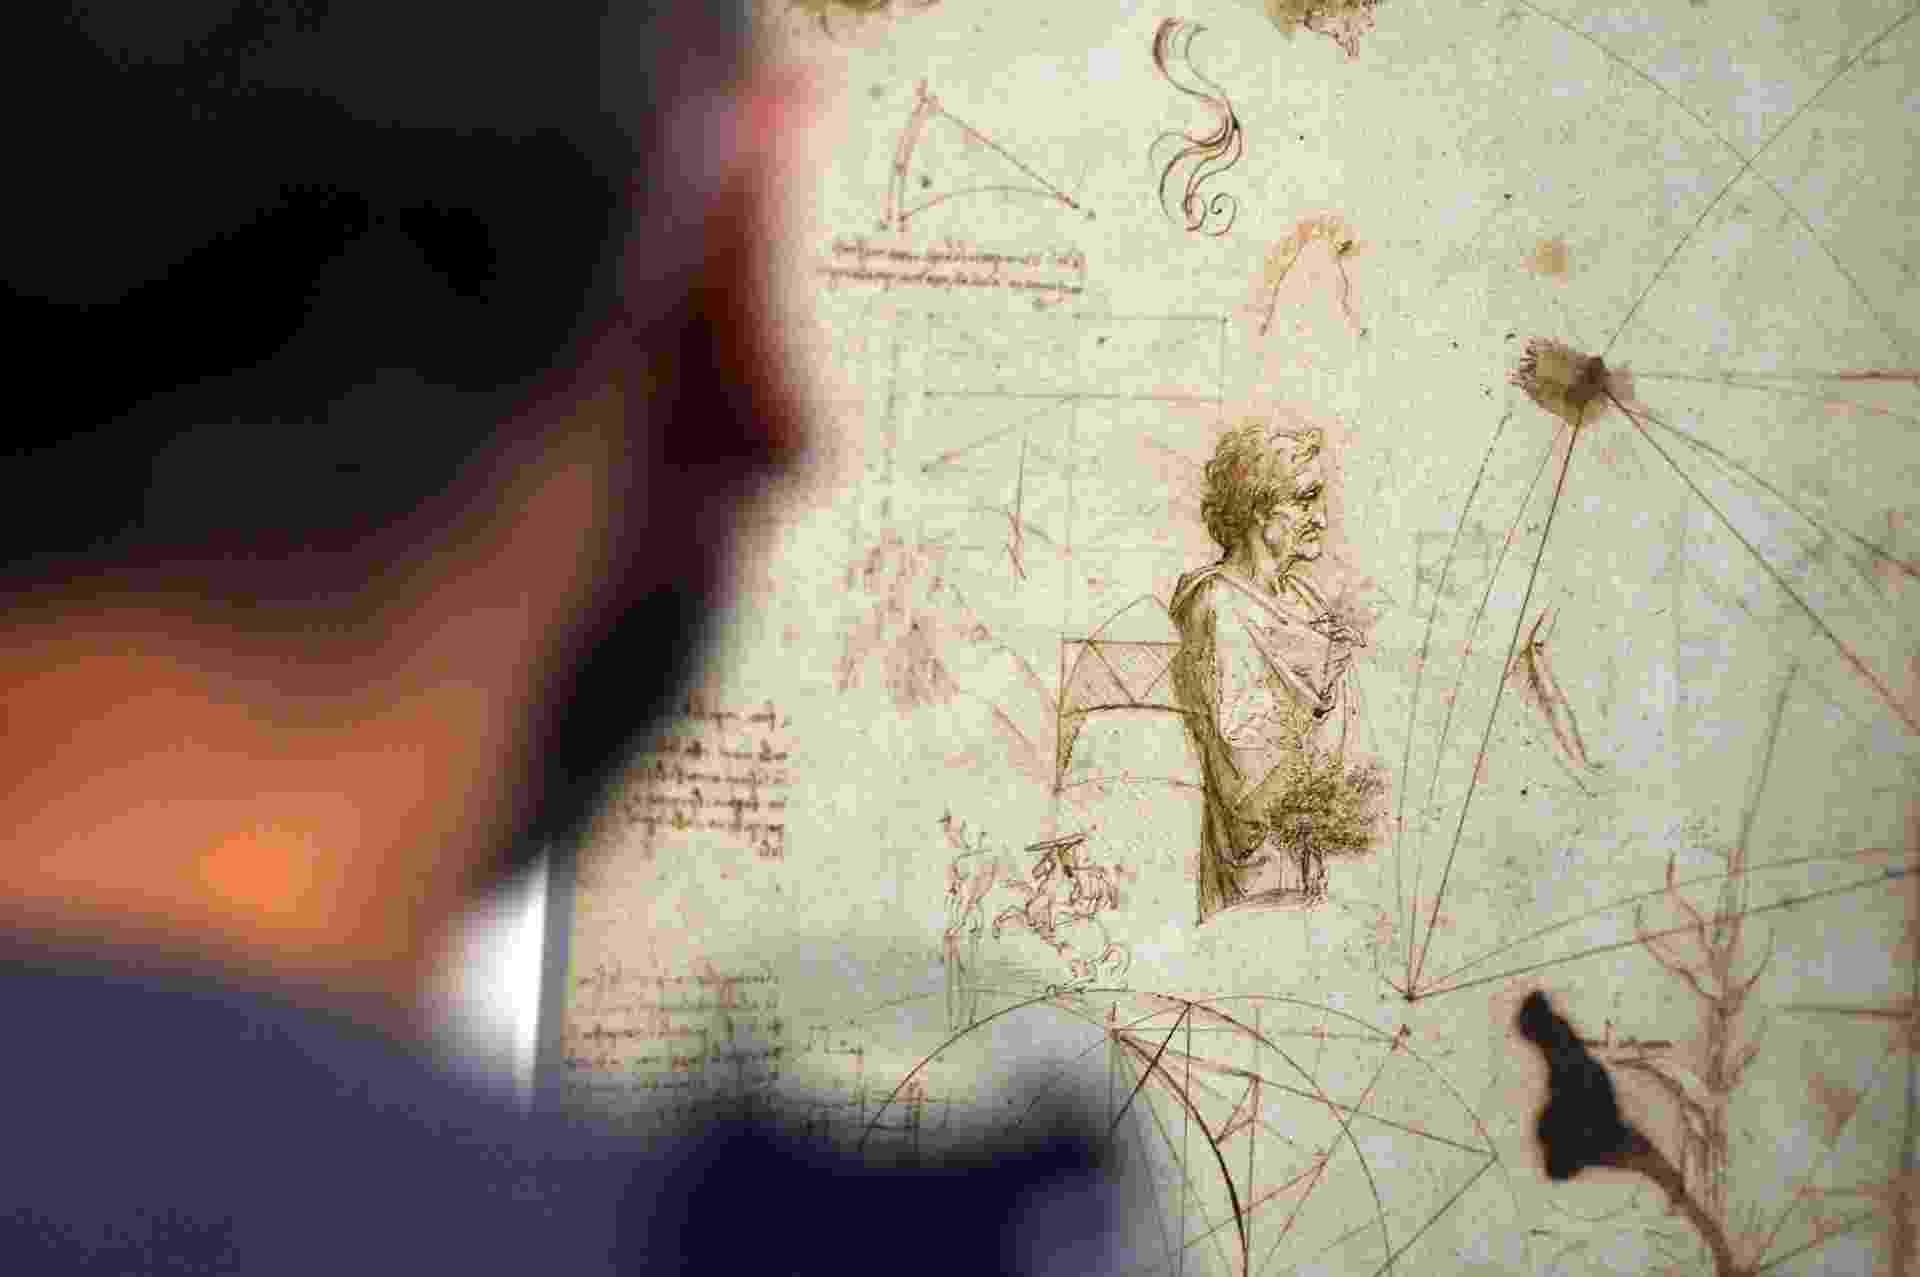 """A exposição """"Leonardo da Vinci: o homem universal"""" reúne 52 desenhos de um dos artistas mais talentosos da história, admirado pela capacidade de combinar arte com ciência, beleza com mecânica, natureza com proporções, corpo com alma. As obras de caráter artístico e científico, entre elas o célebre desenho do """"Homem Vitruviano"""", ficarão expostas até dezembro de 2013 - Gabruel Bouys/AFP"""